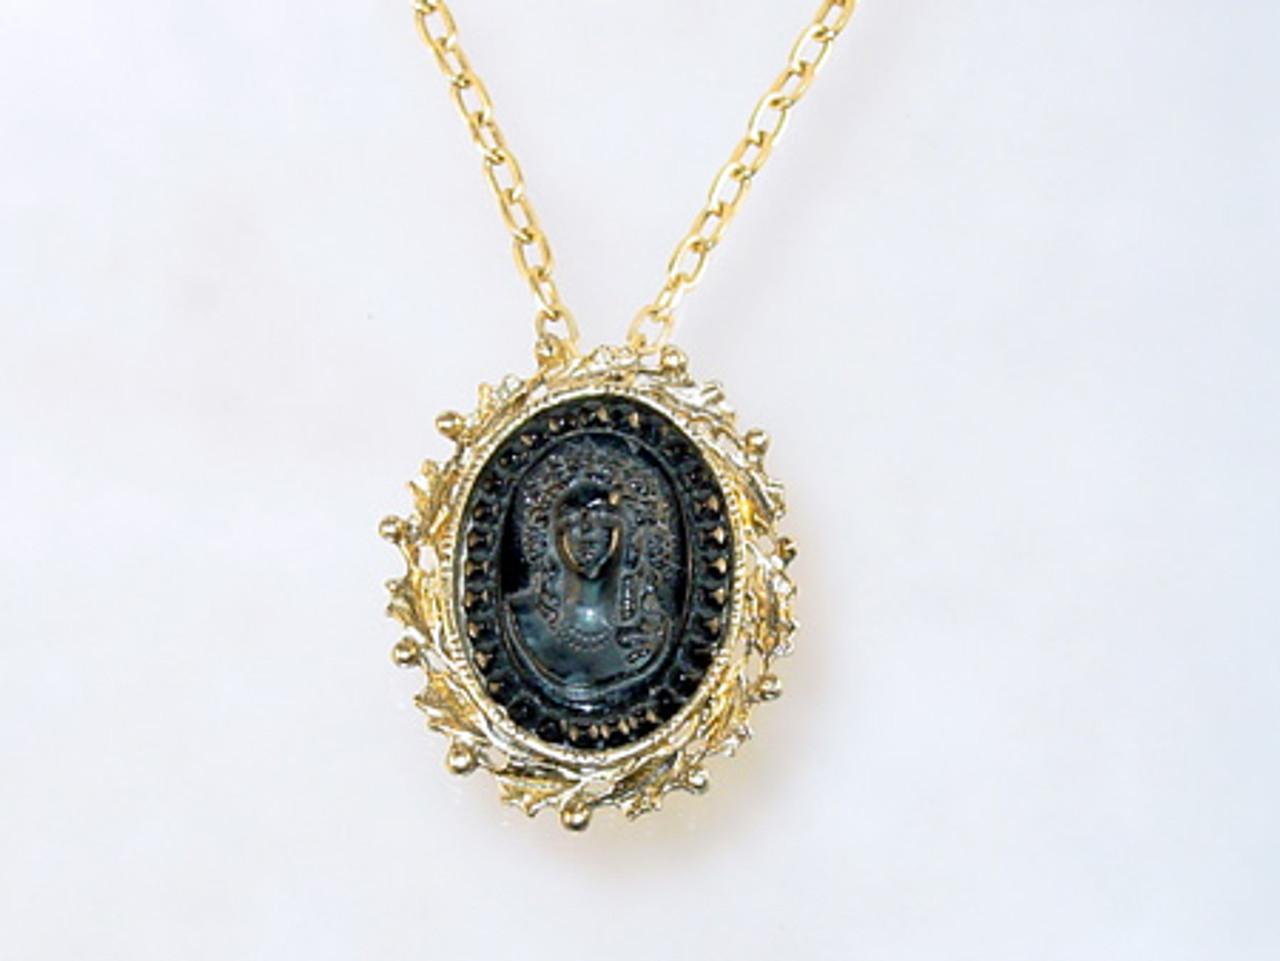 Black glass cameo necklace